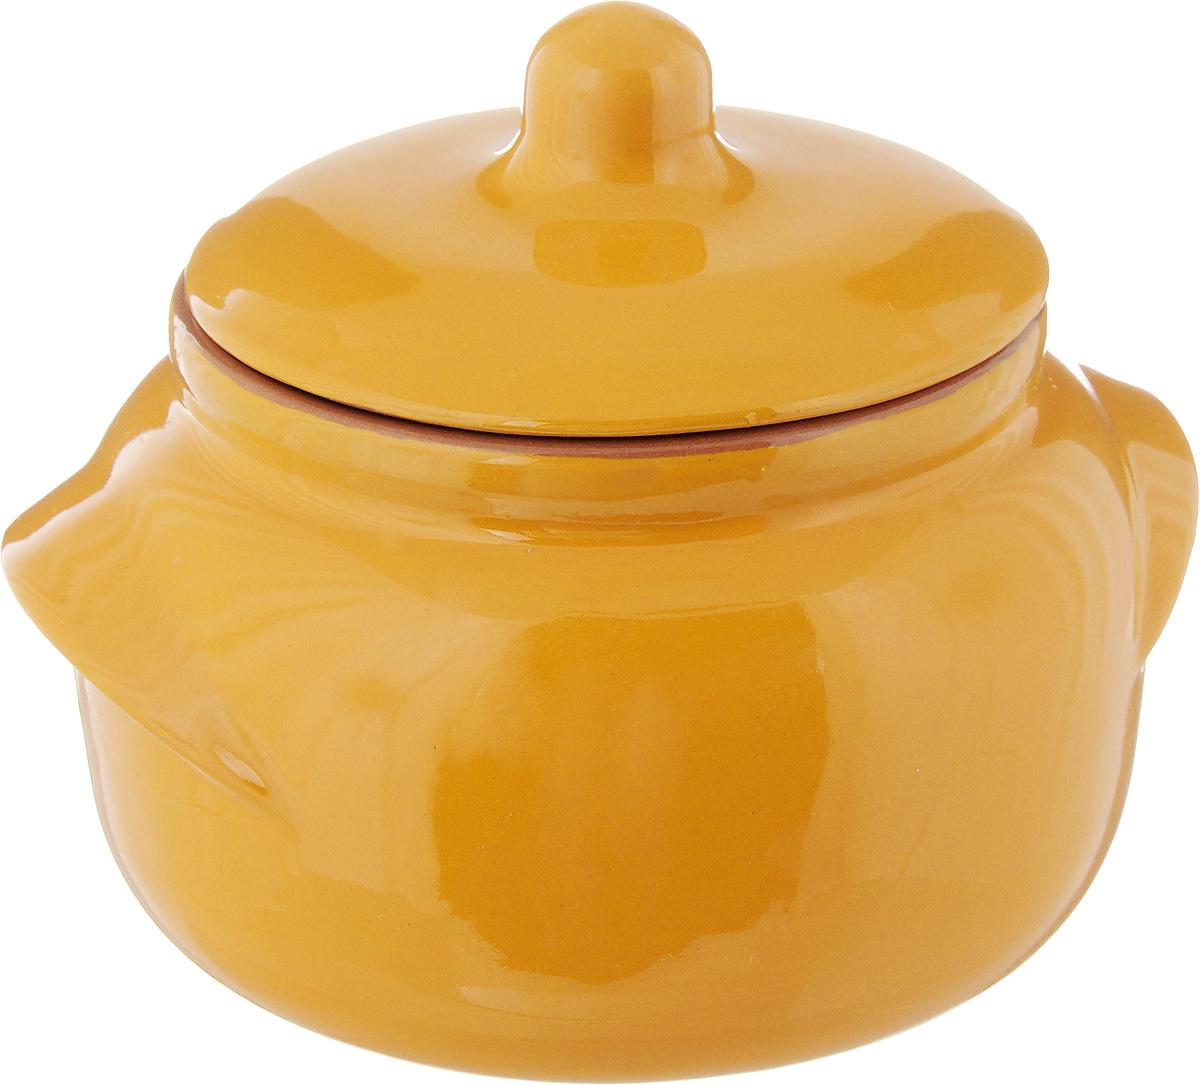 Горшочек для запекания Борисовская керамика Новарусса, цвет: желтый, 500 мл1228244Горшочек для запекания Борисовская керамика Новарусса выполнен из высококачественной глины. Уникальные свойства красной глины и толстые стенки изделия обеспечивают эффект русской печи при приготовлении блюд. Блюда, приготовленные в таком горшочке, получаются нежными исочными. Вы сможете приготовить мясо, сделать томленые овощи и все это без капли масла. Этоодин из самых здоровых способов готовки. Диаметр горшка (по верхнему краю): 10 см. Высота стенок: 8 см.